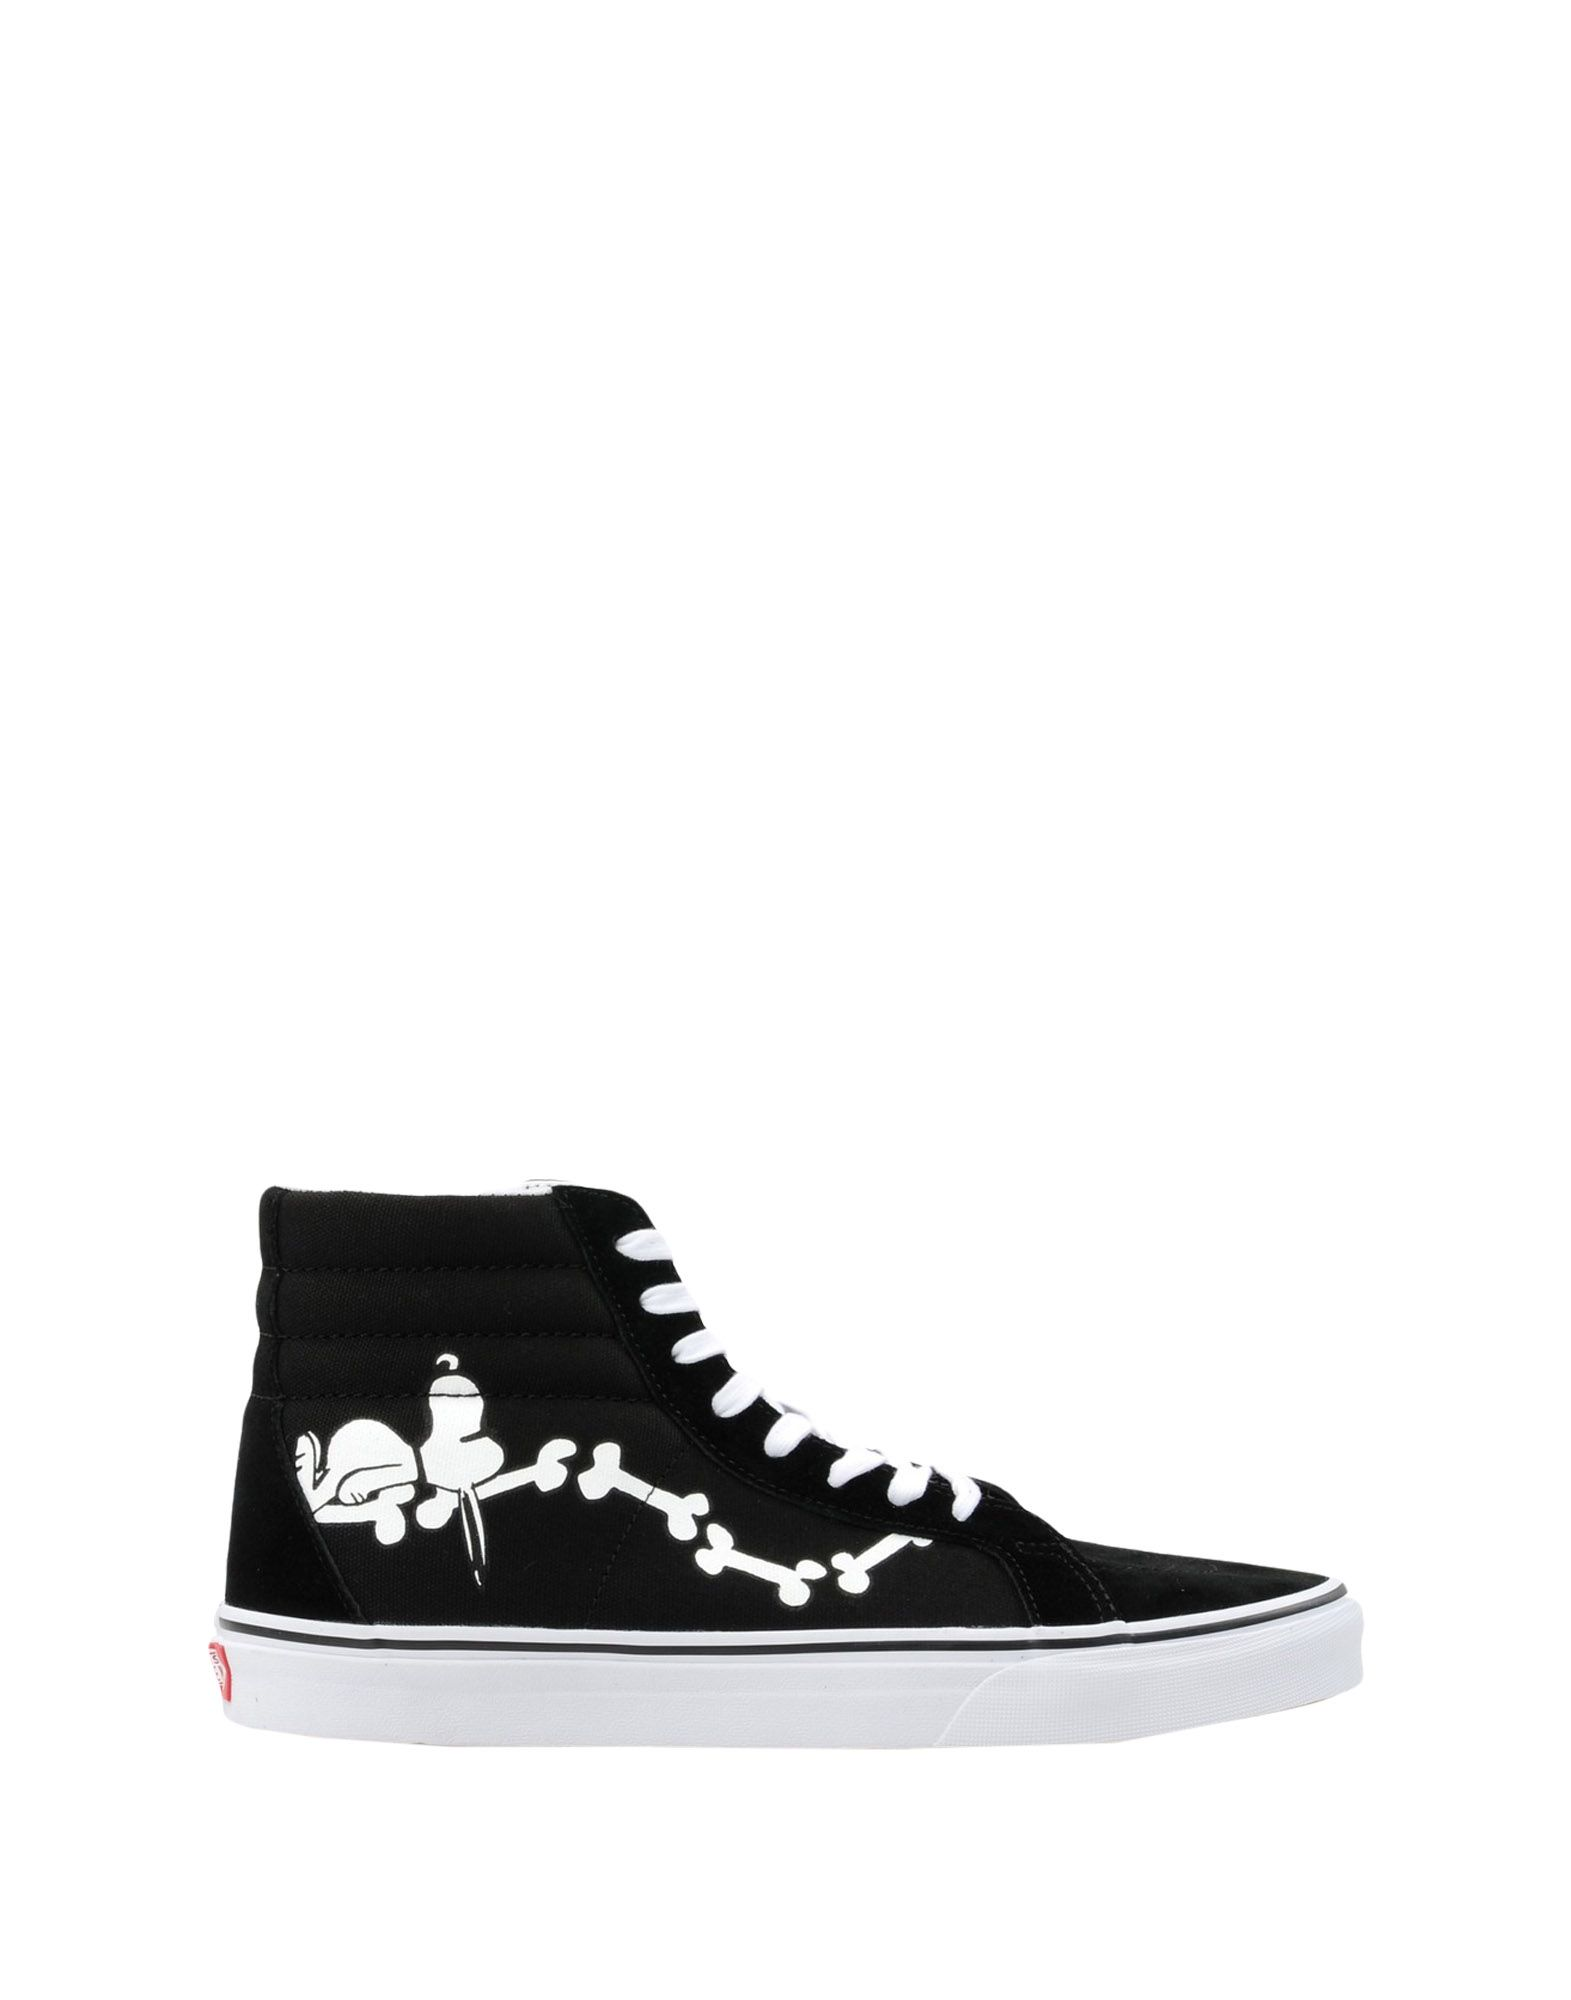 Sneakers Vans Ua Sk8-Hi Reissue Peanuts Snoopy Bones - Homme - Sneakers Vans sur